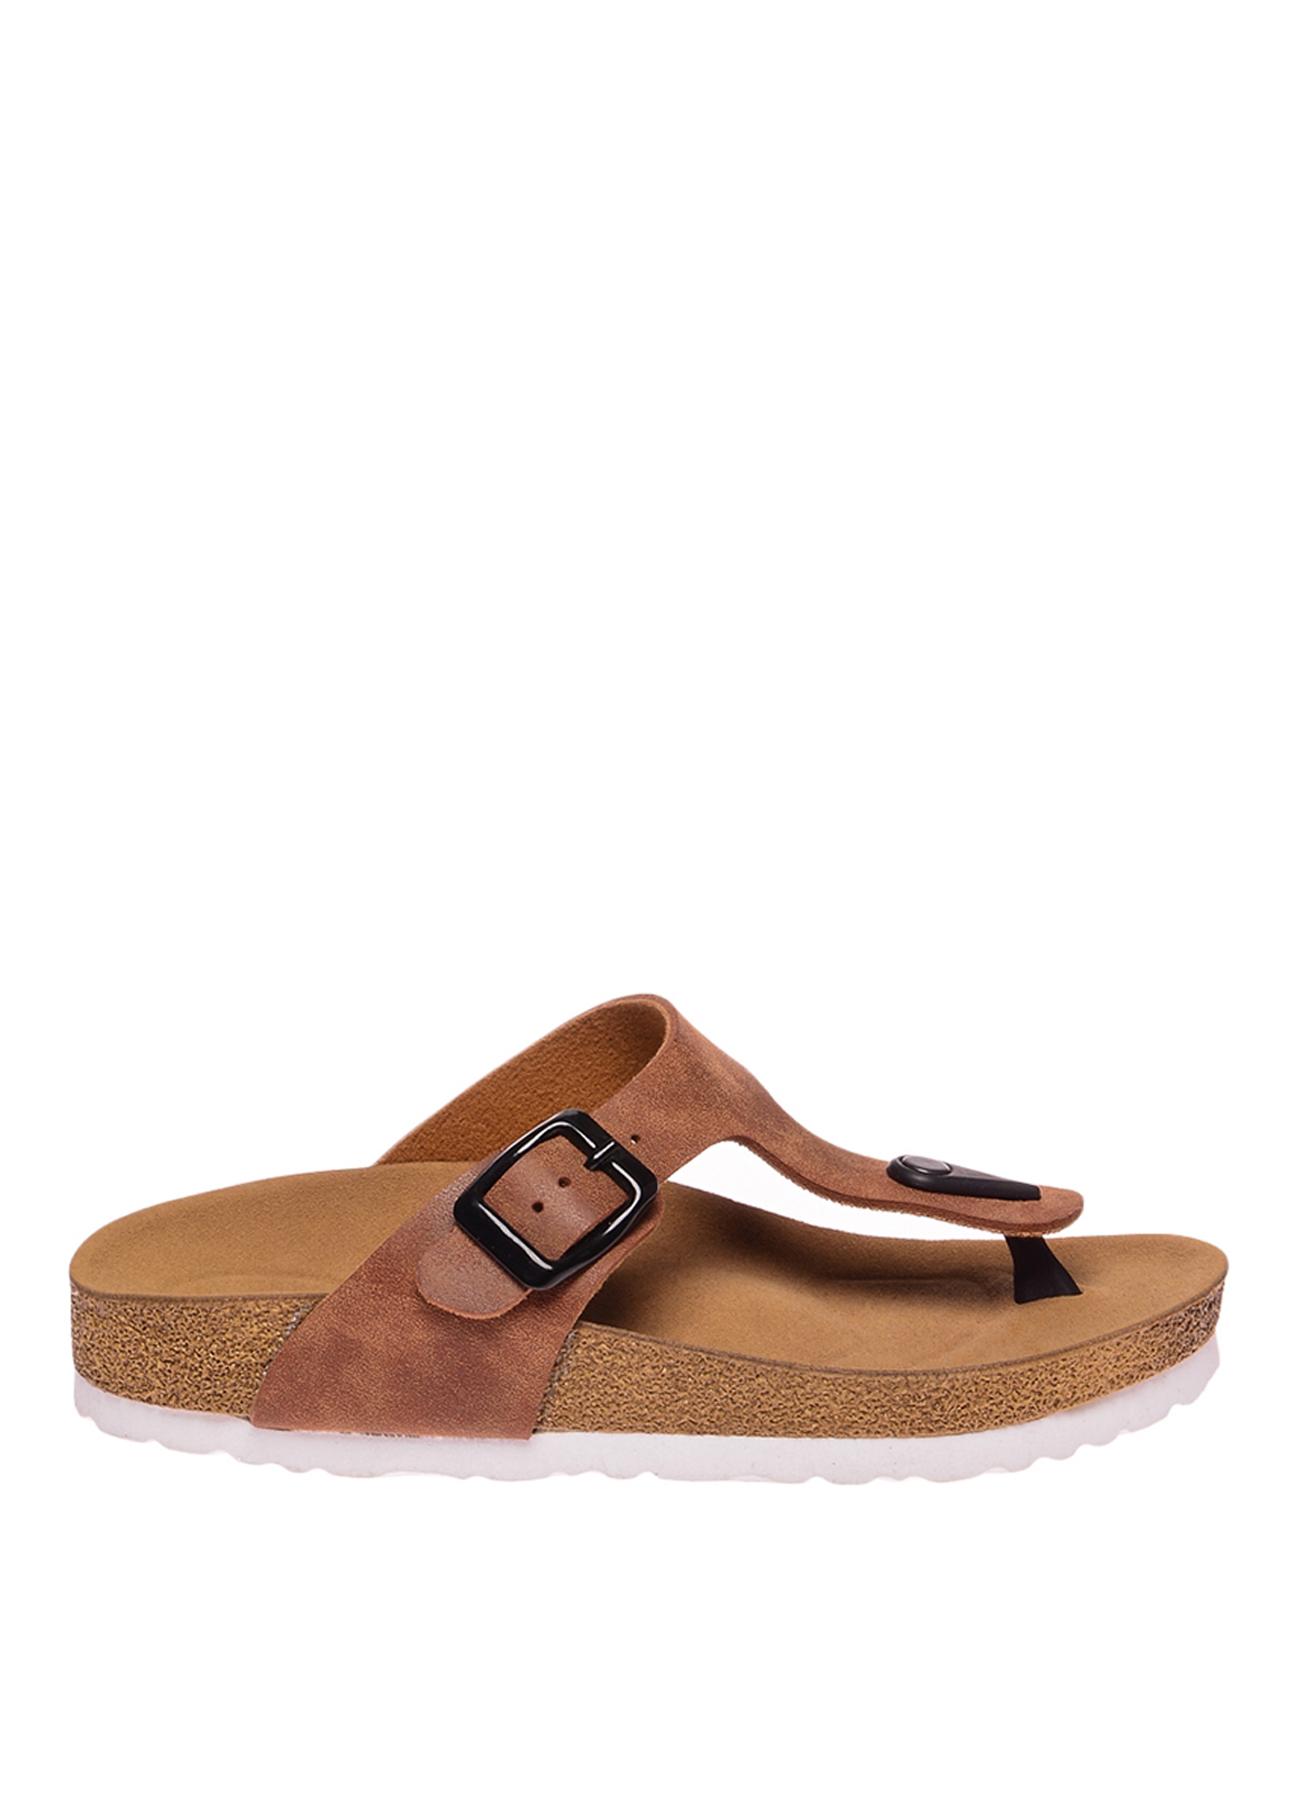 33 Erkek Koyu Lacivert Limon Plaj Terliği 5000094807004 Ayakkabı & Çanta Çocuk Ayakkabıları Terlik Sandaletler